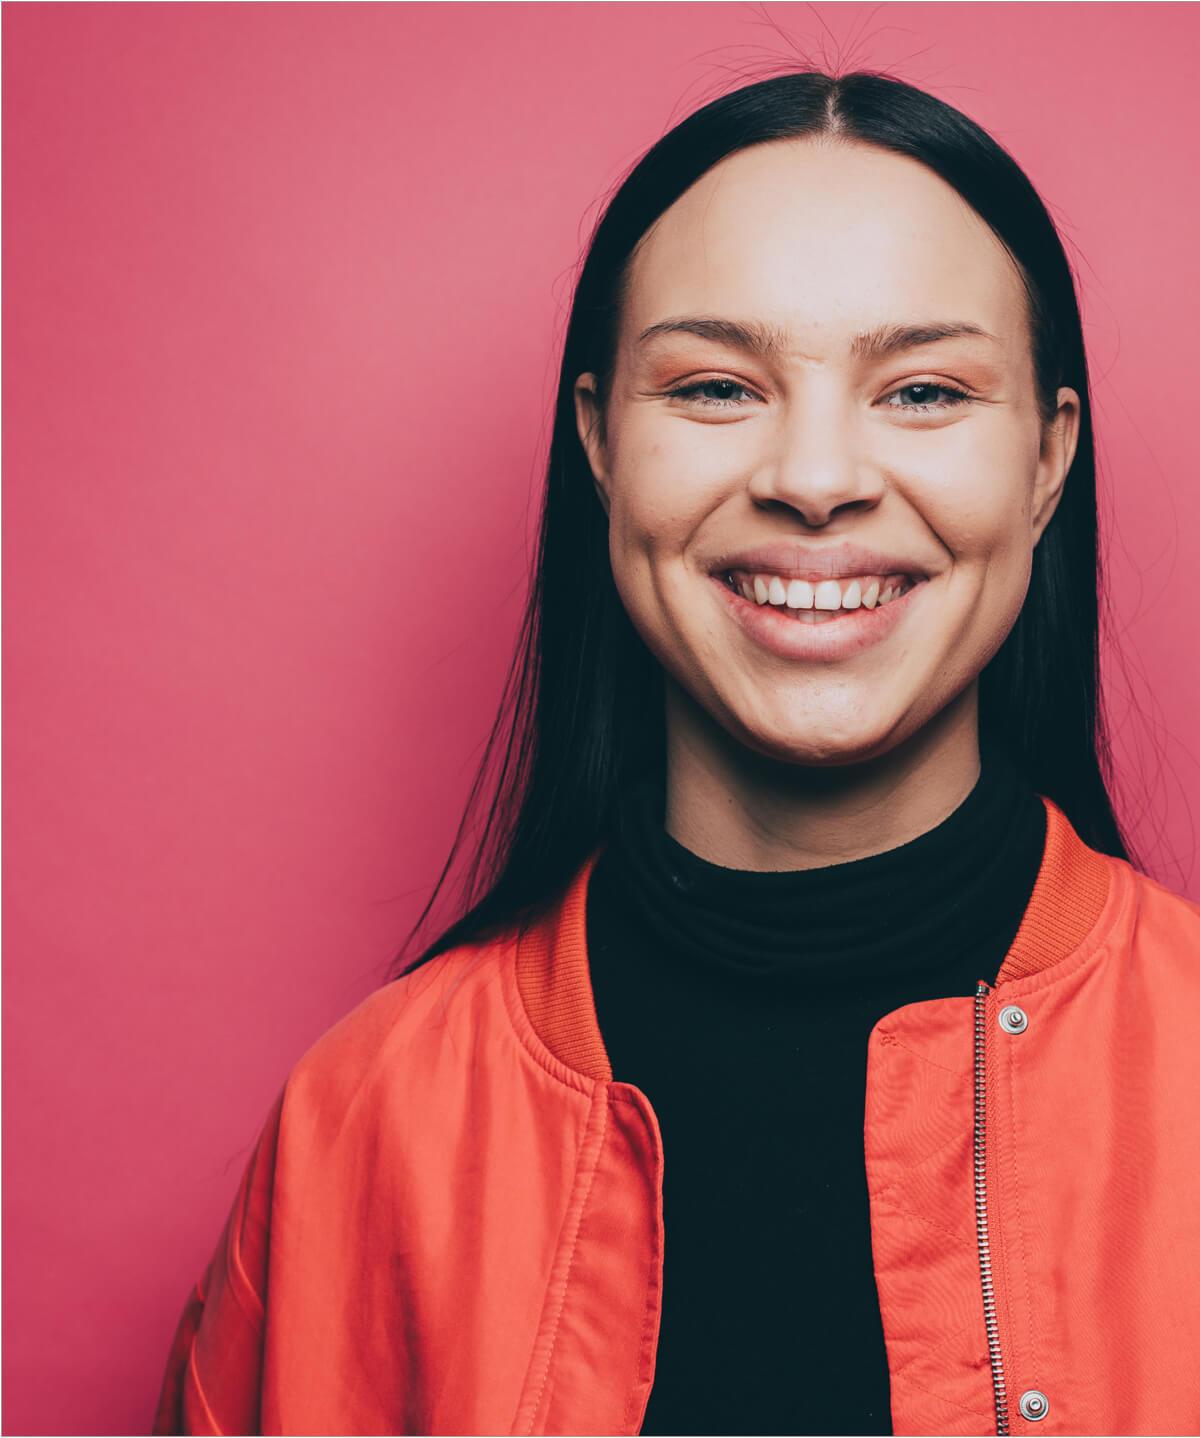 Portrait von einer Frau